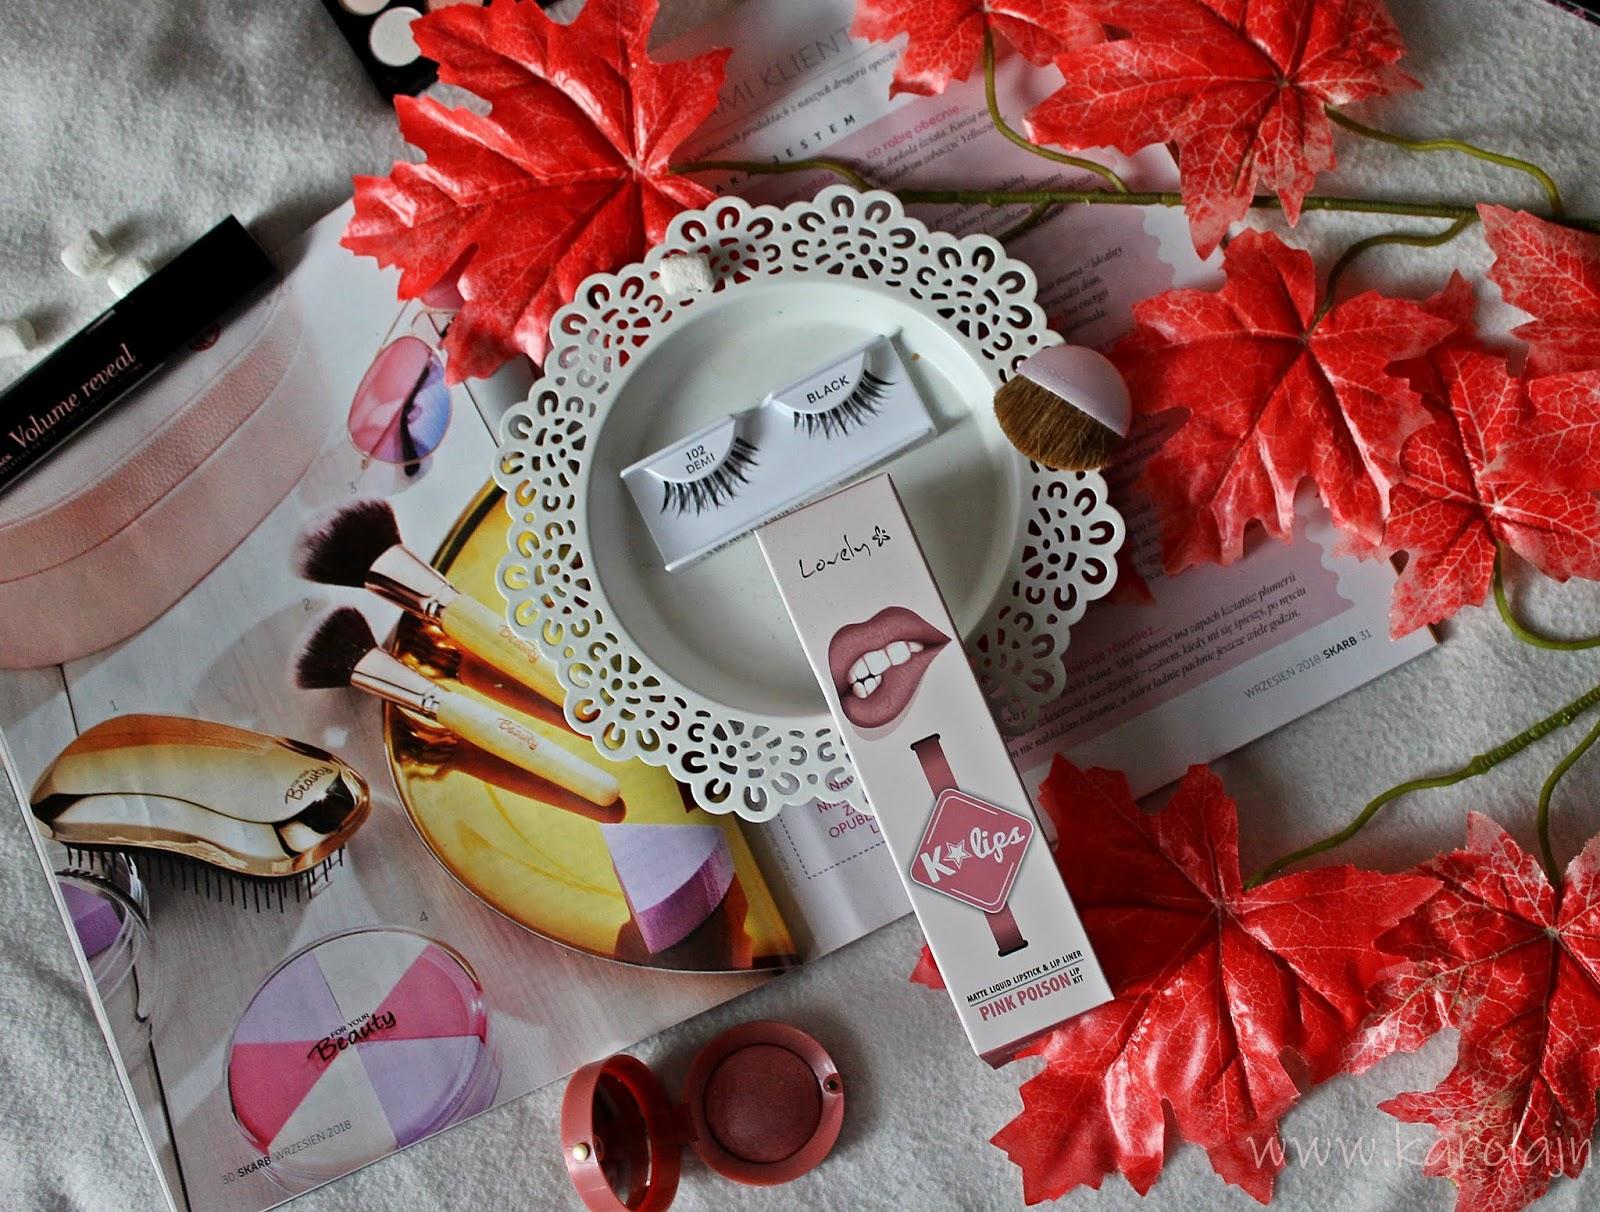 Kosmetyczne nowości października - Moje zamówienie z EZEBRA